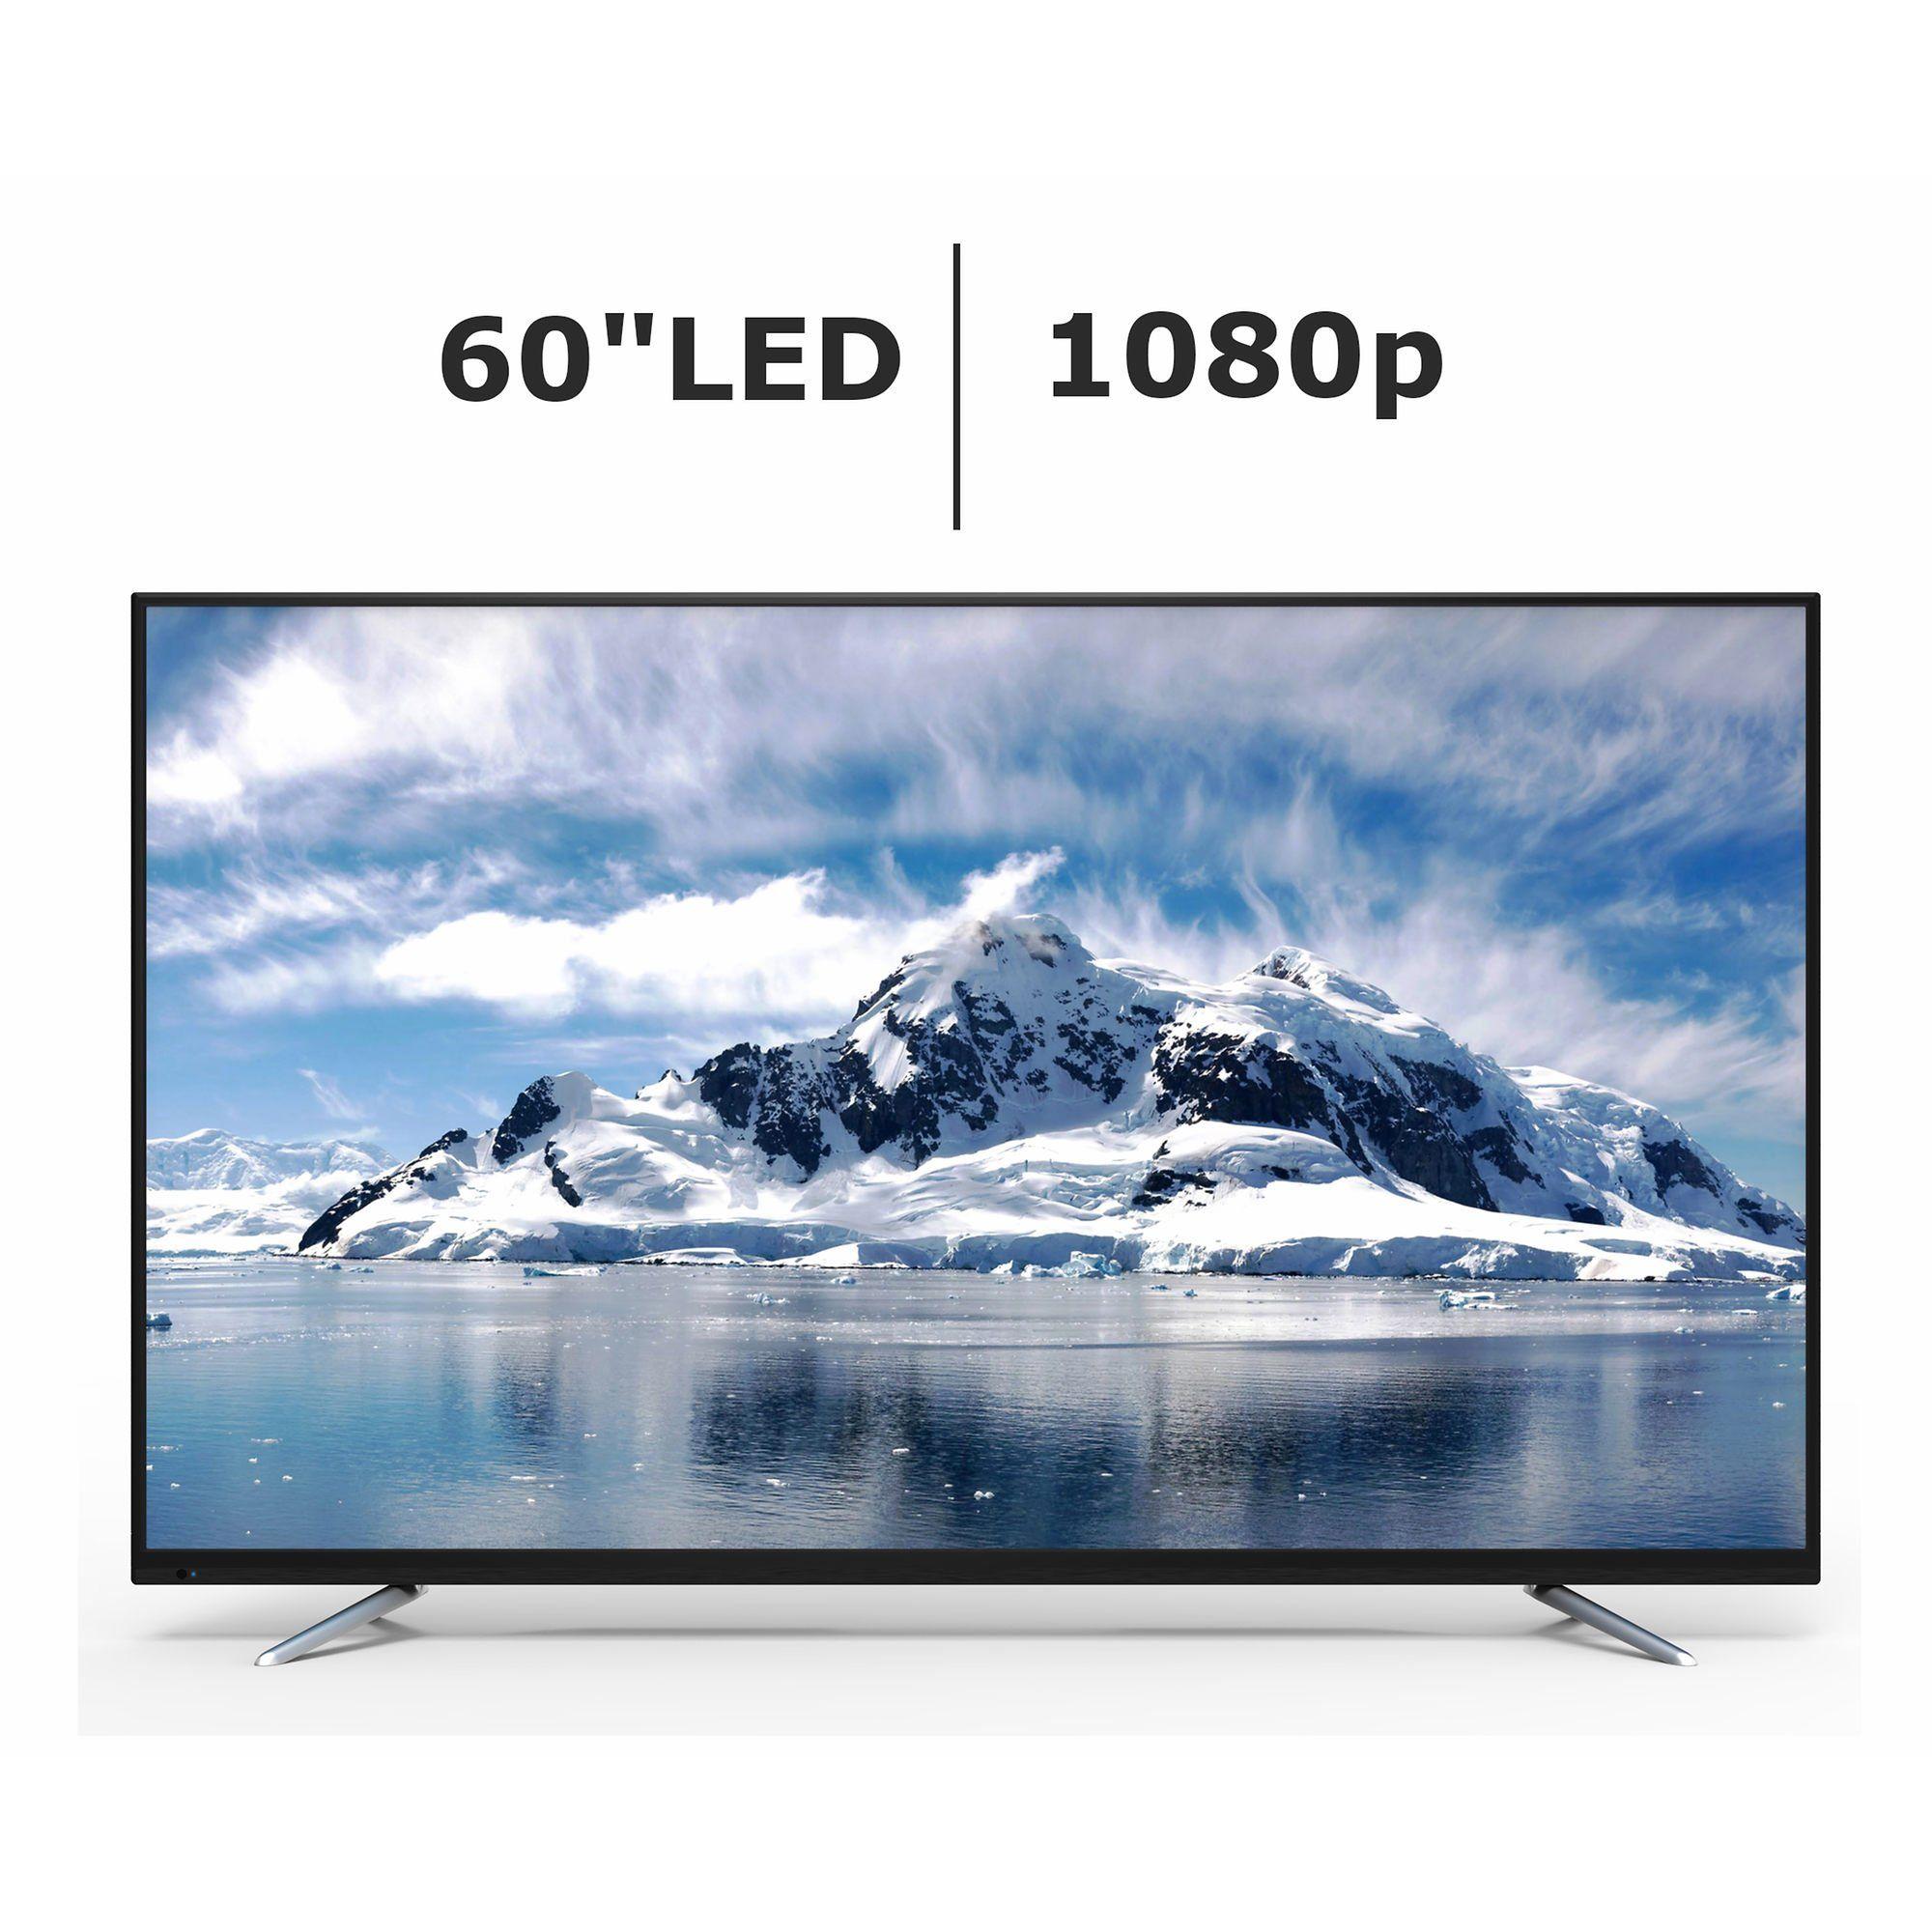 Proscan Pled6090 60 Quot 1080p Led Tv Led Tv Led Tv Deals